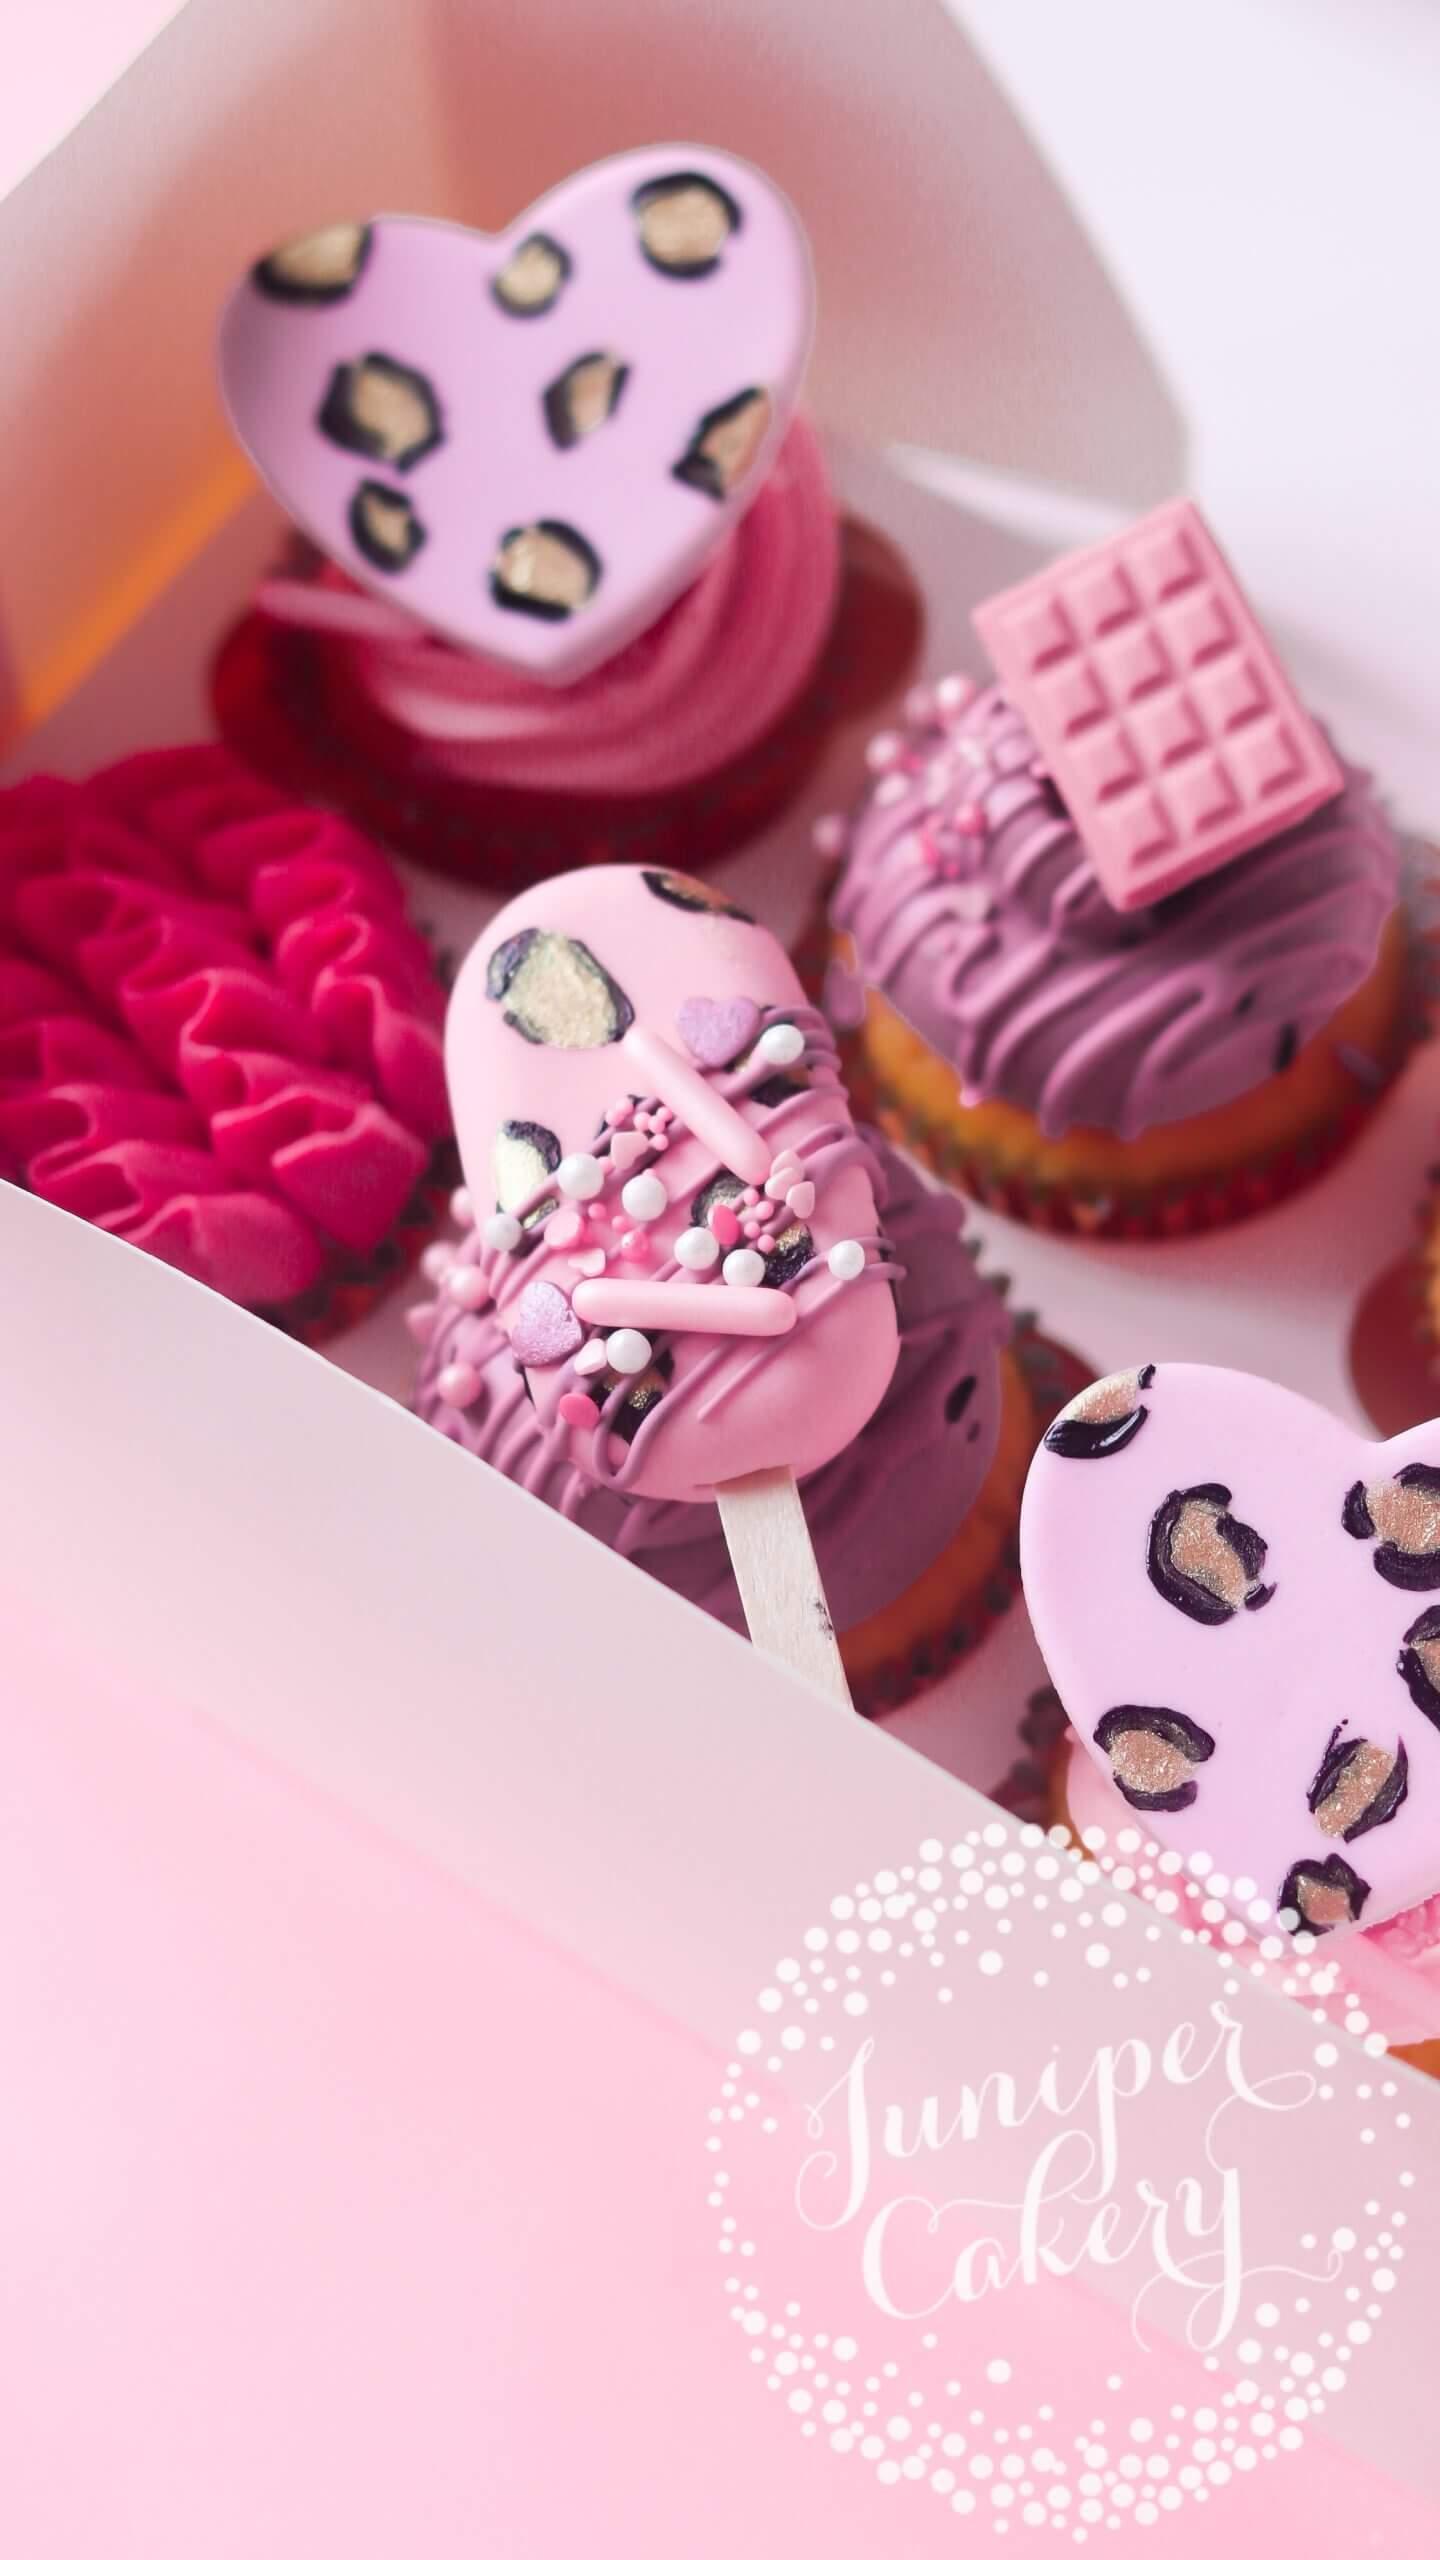 Cute leopard print cupcakes by Juniper Cakery